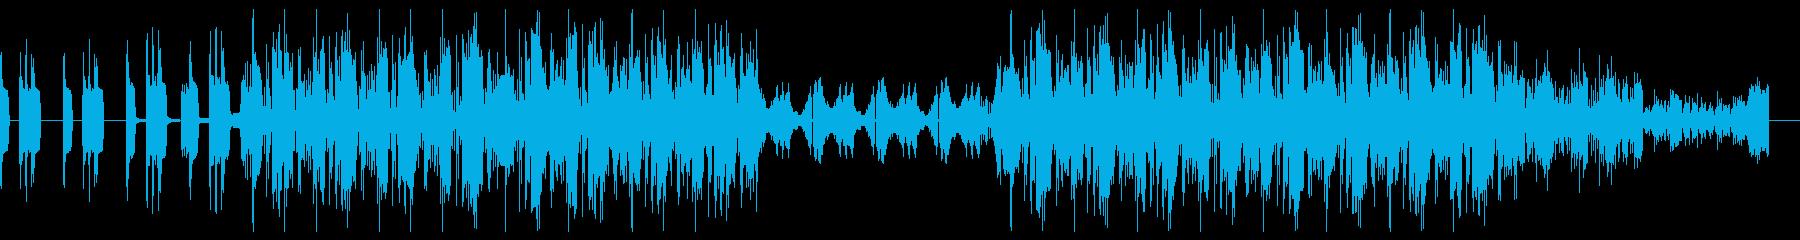 オーケストラを取り入れた迫力あるトラップの再生済みの波形